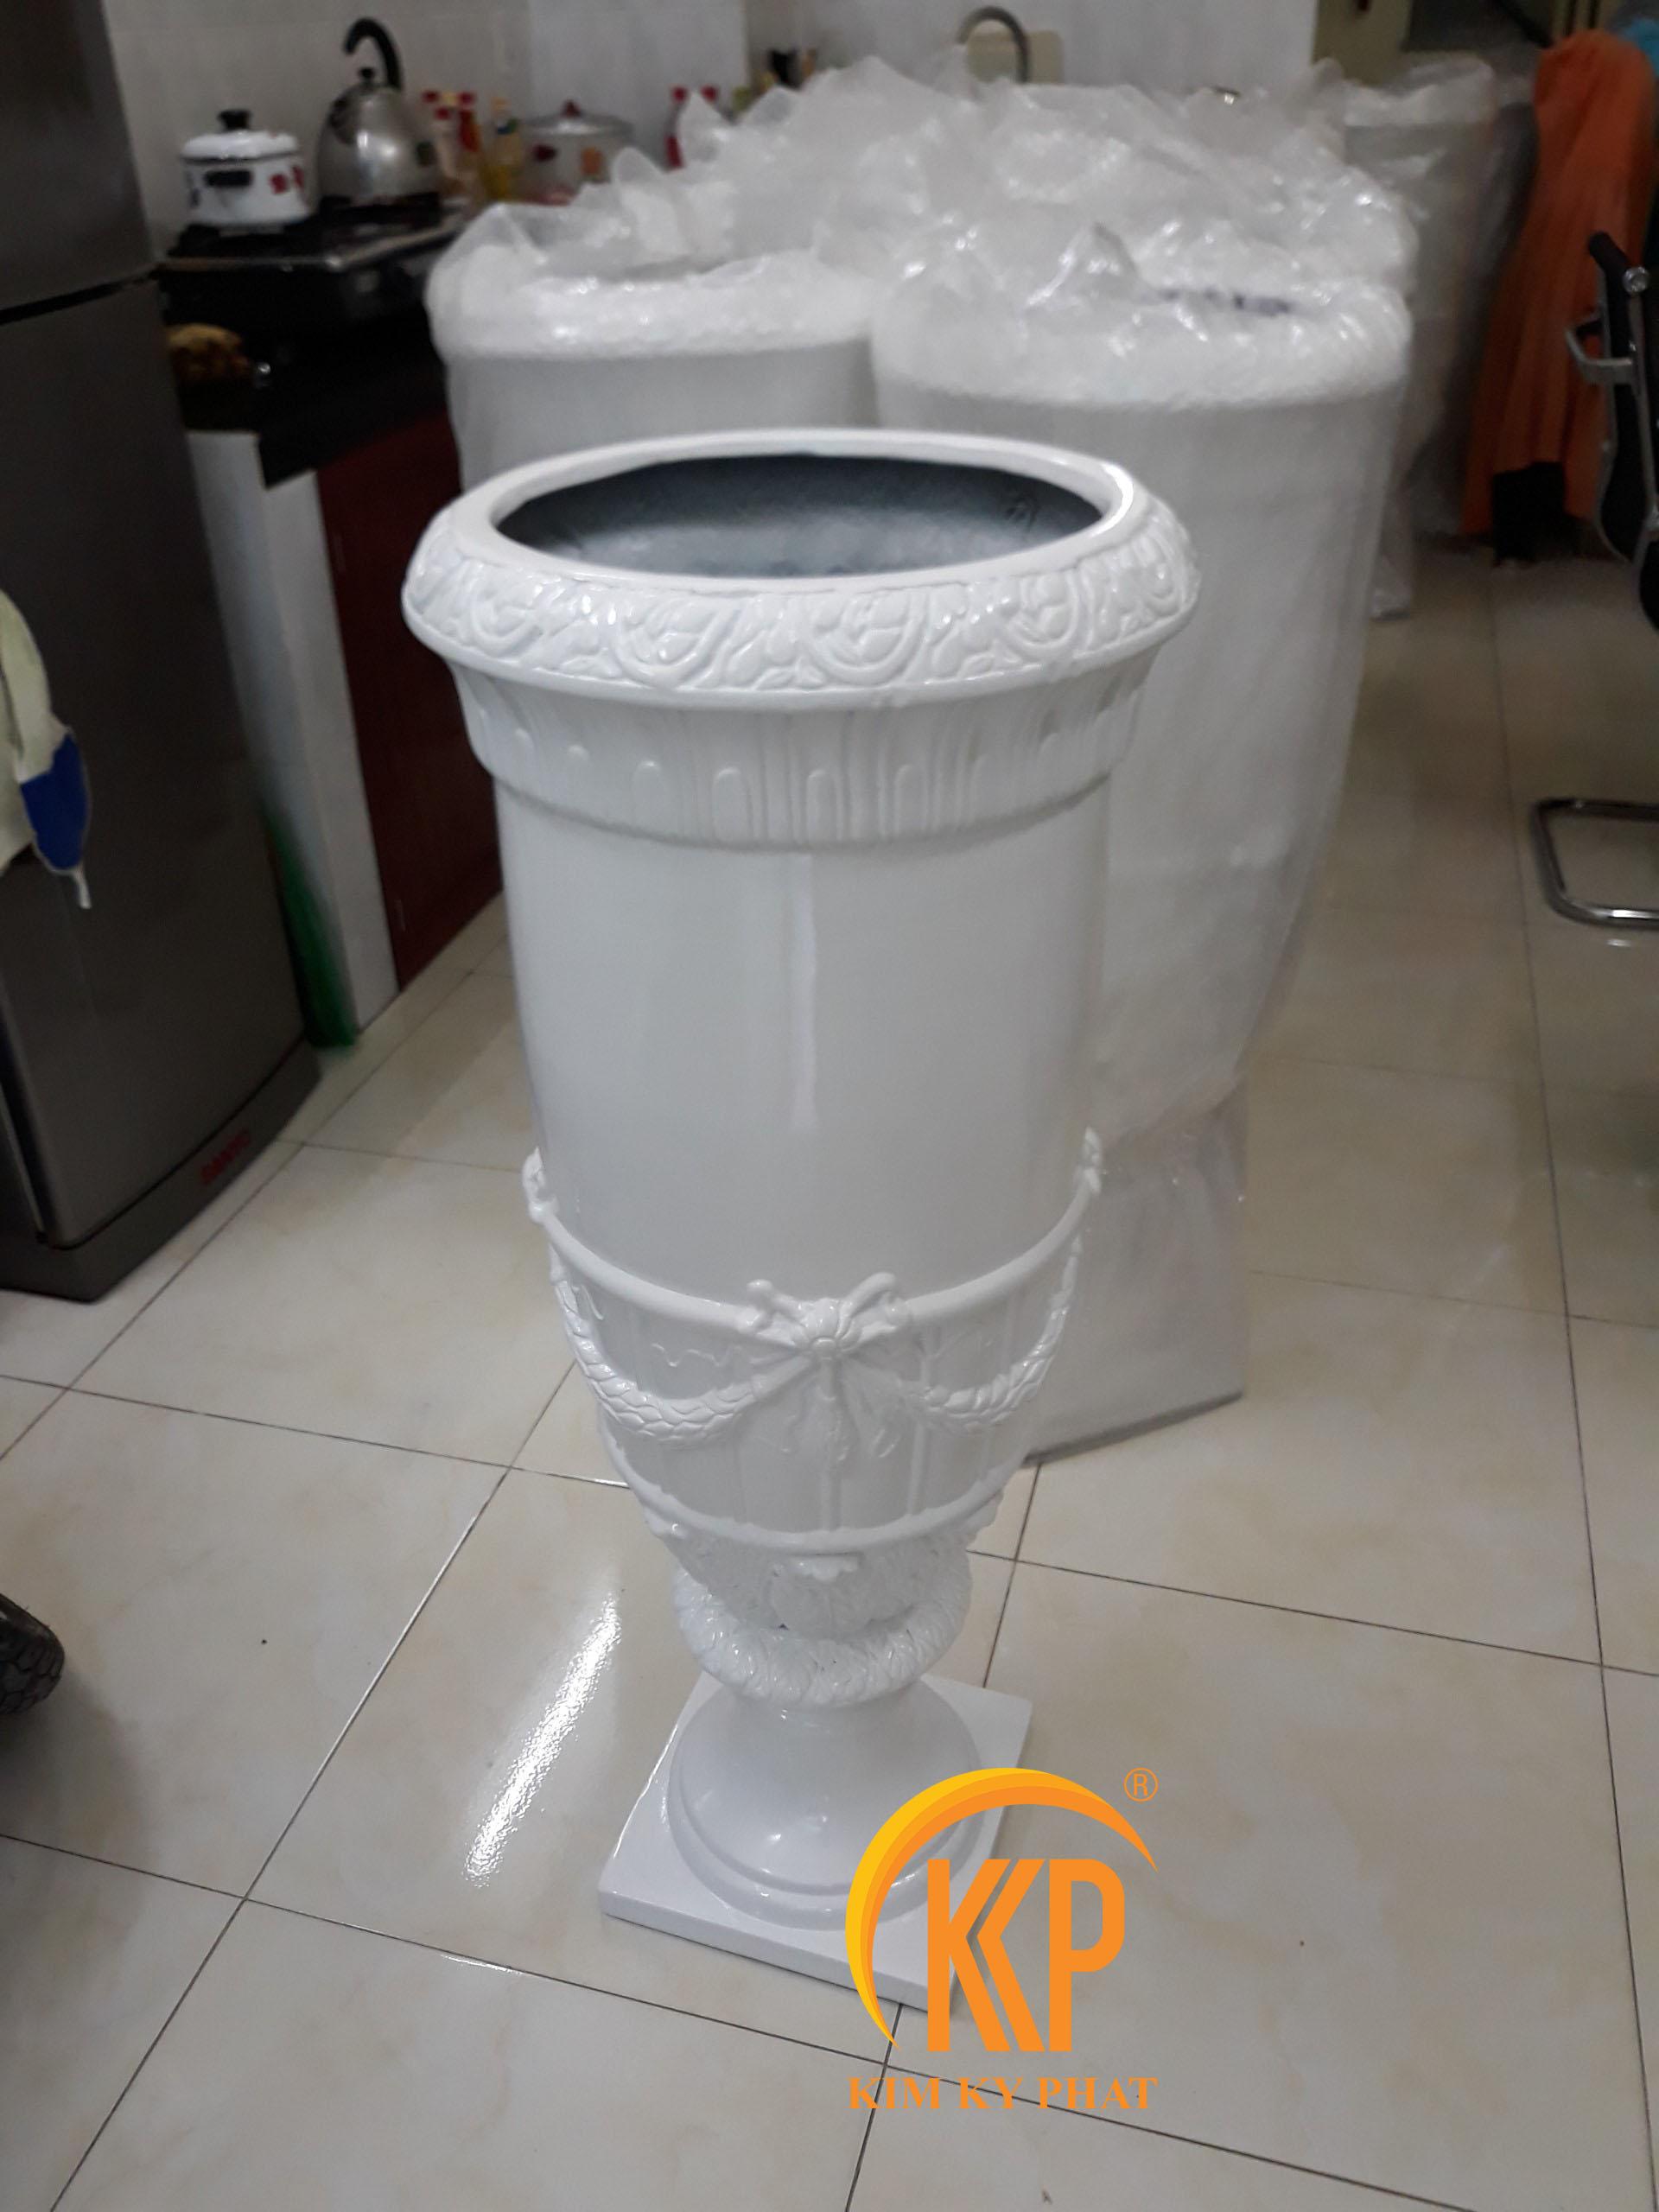 công ty sản xuất bình hoa composite kkp